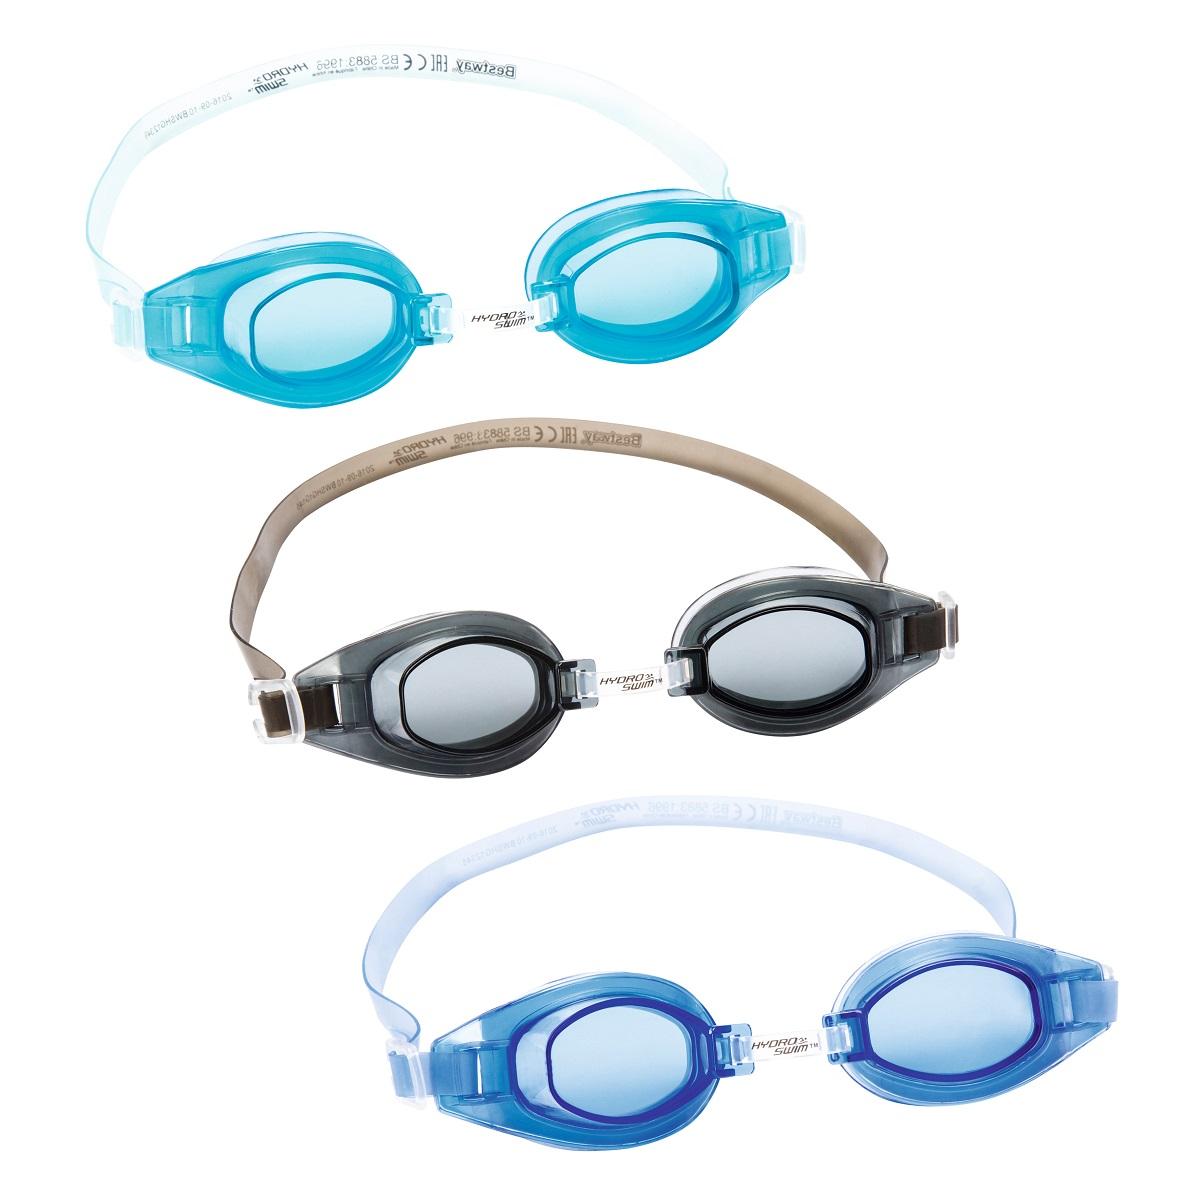 Plavecké brýle BESTWAY Hydro Swim 21049 - modré